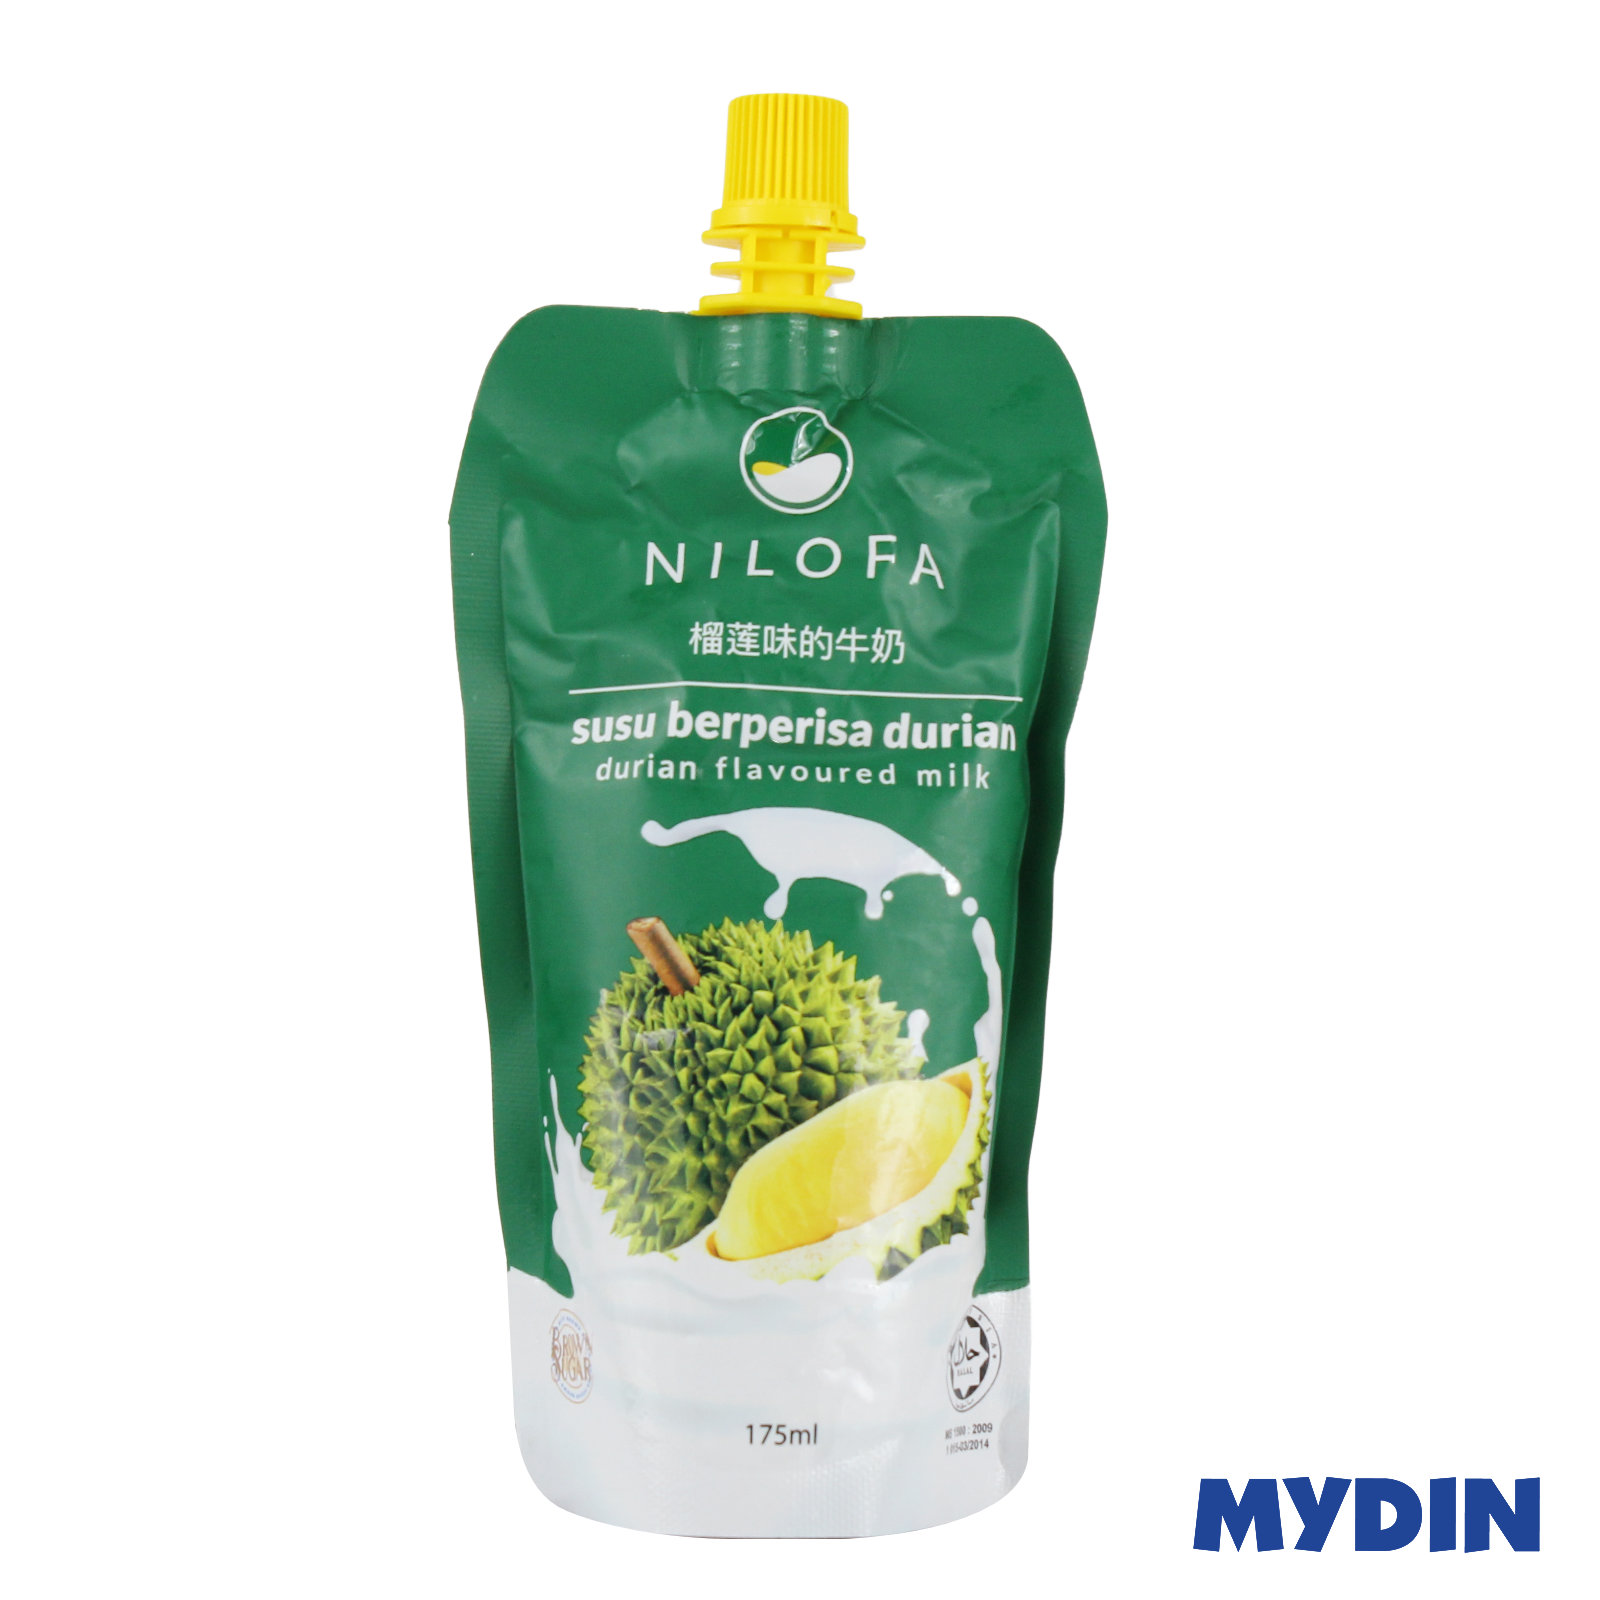 Nilofa Flavoured Milk Durian 175ml